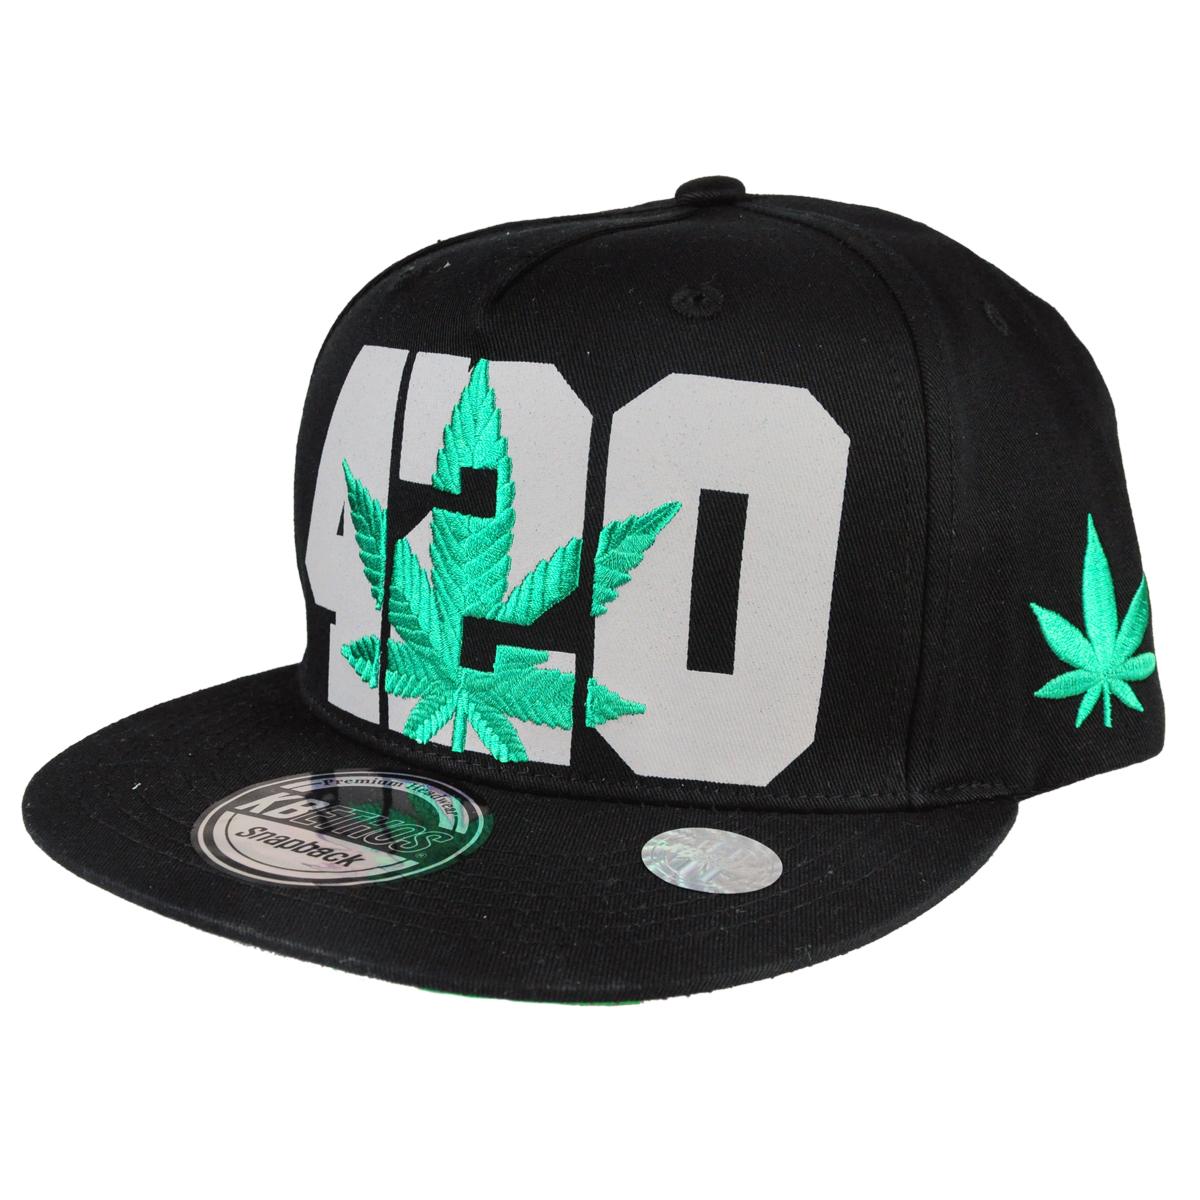 cdbdeaebda573 420 Pot Leaf Hat - Black. SKU IW8000. Show Picture 1 ...